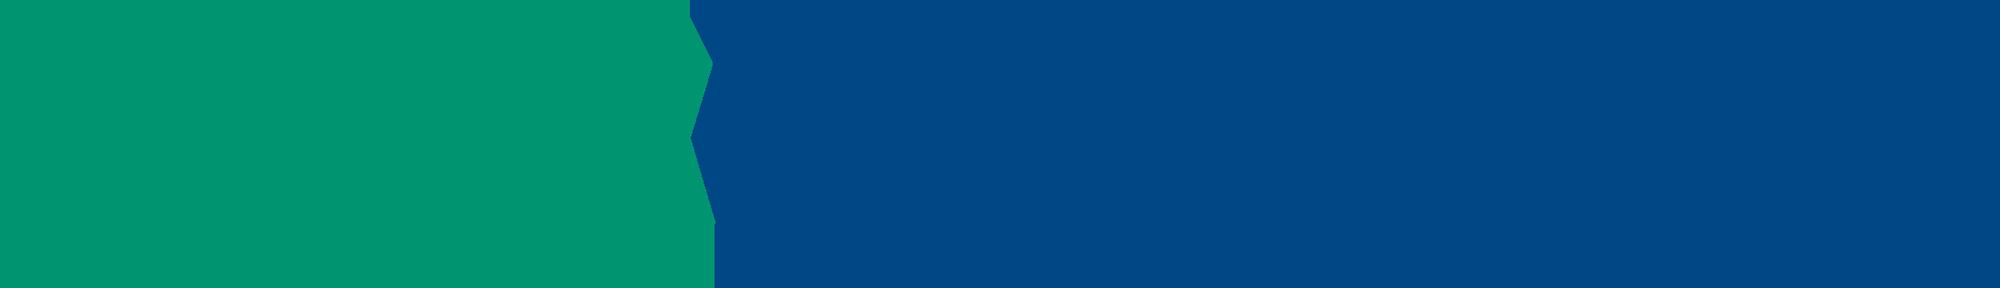 Conex Banninger logo identity design birmingham